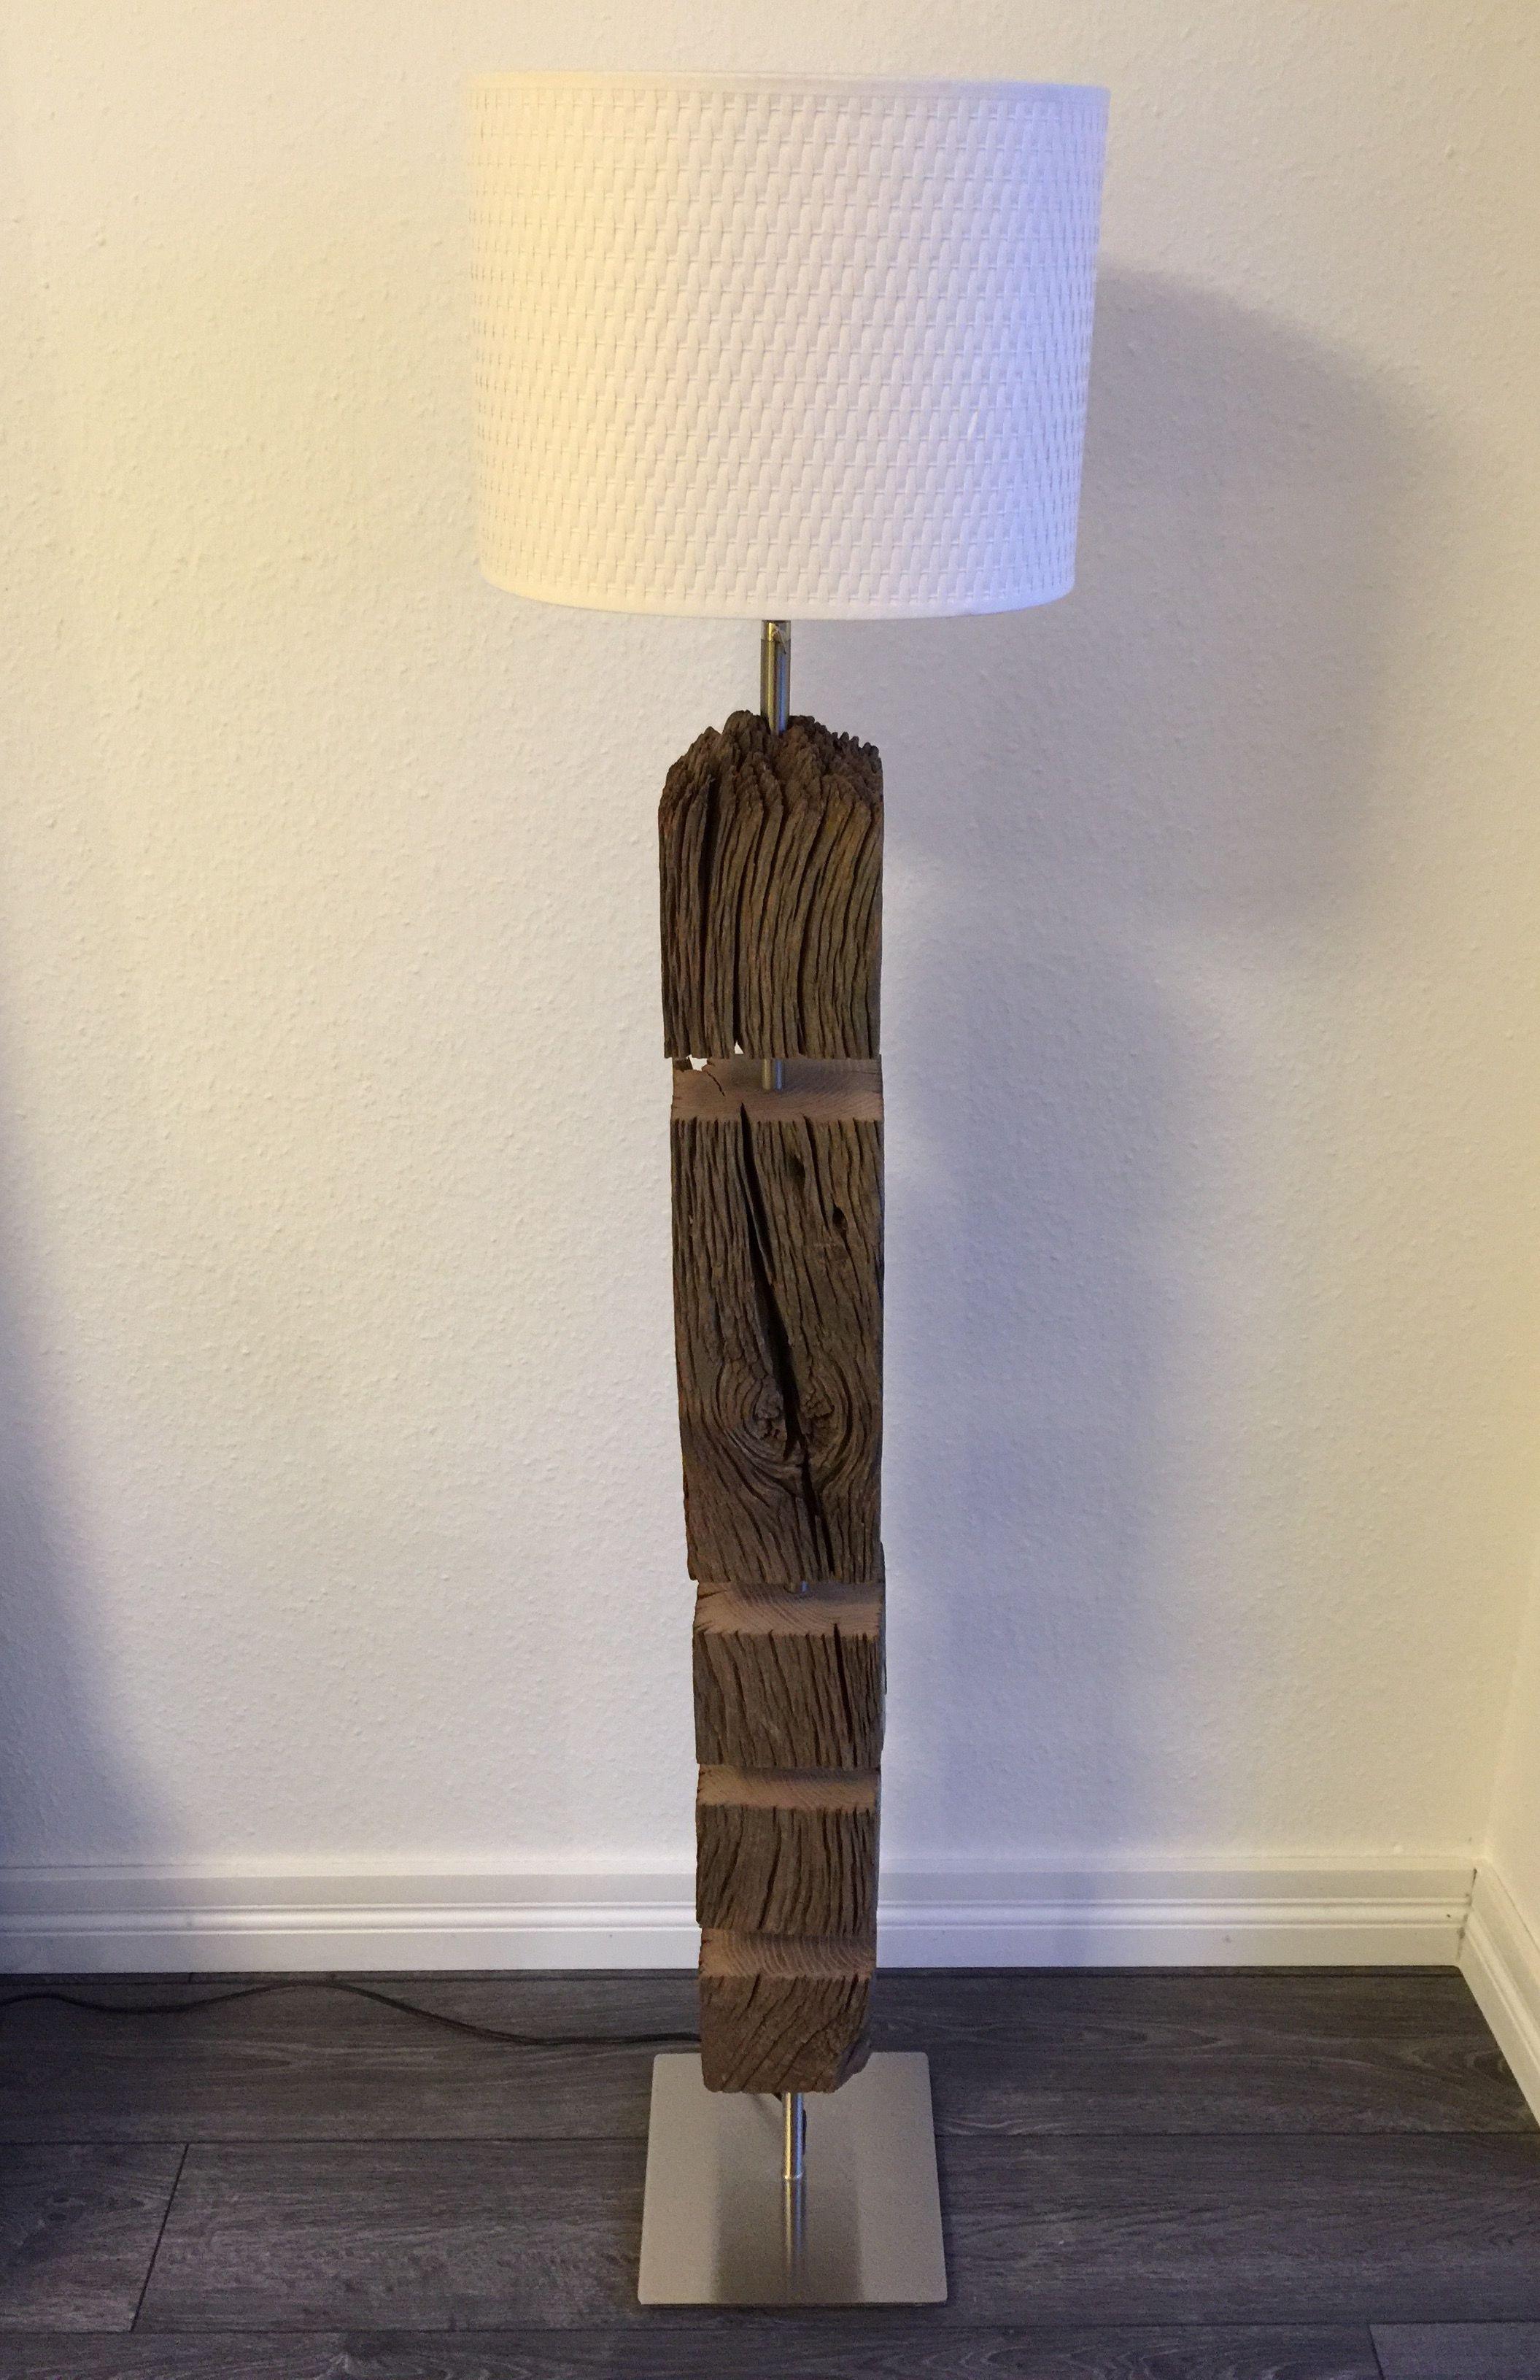 Treibholz Lampe Holz Unikat Stehlampe  Treibholz Lampe Unikat Holz Betonlampe in 2019